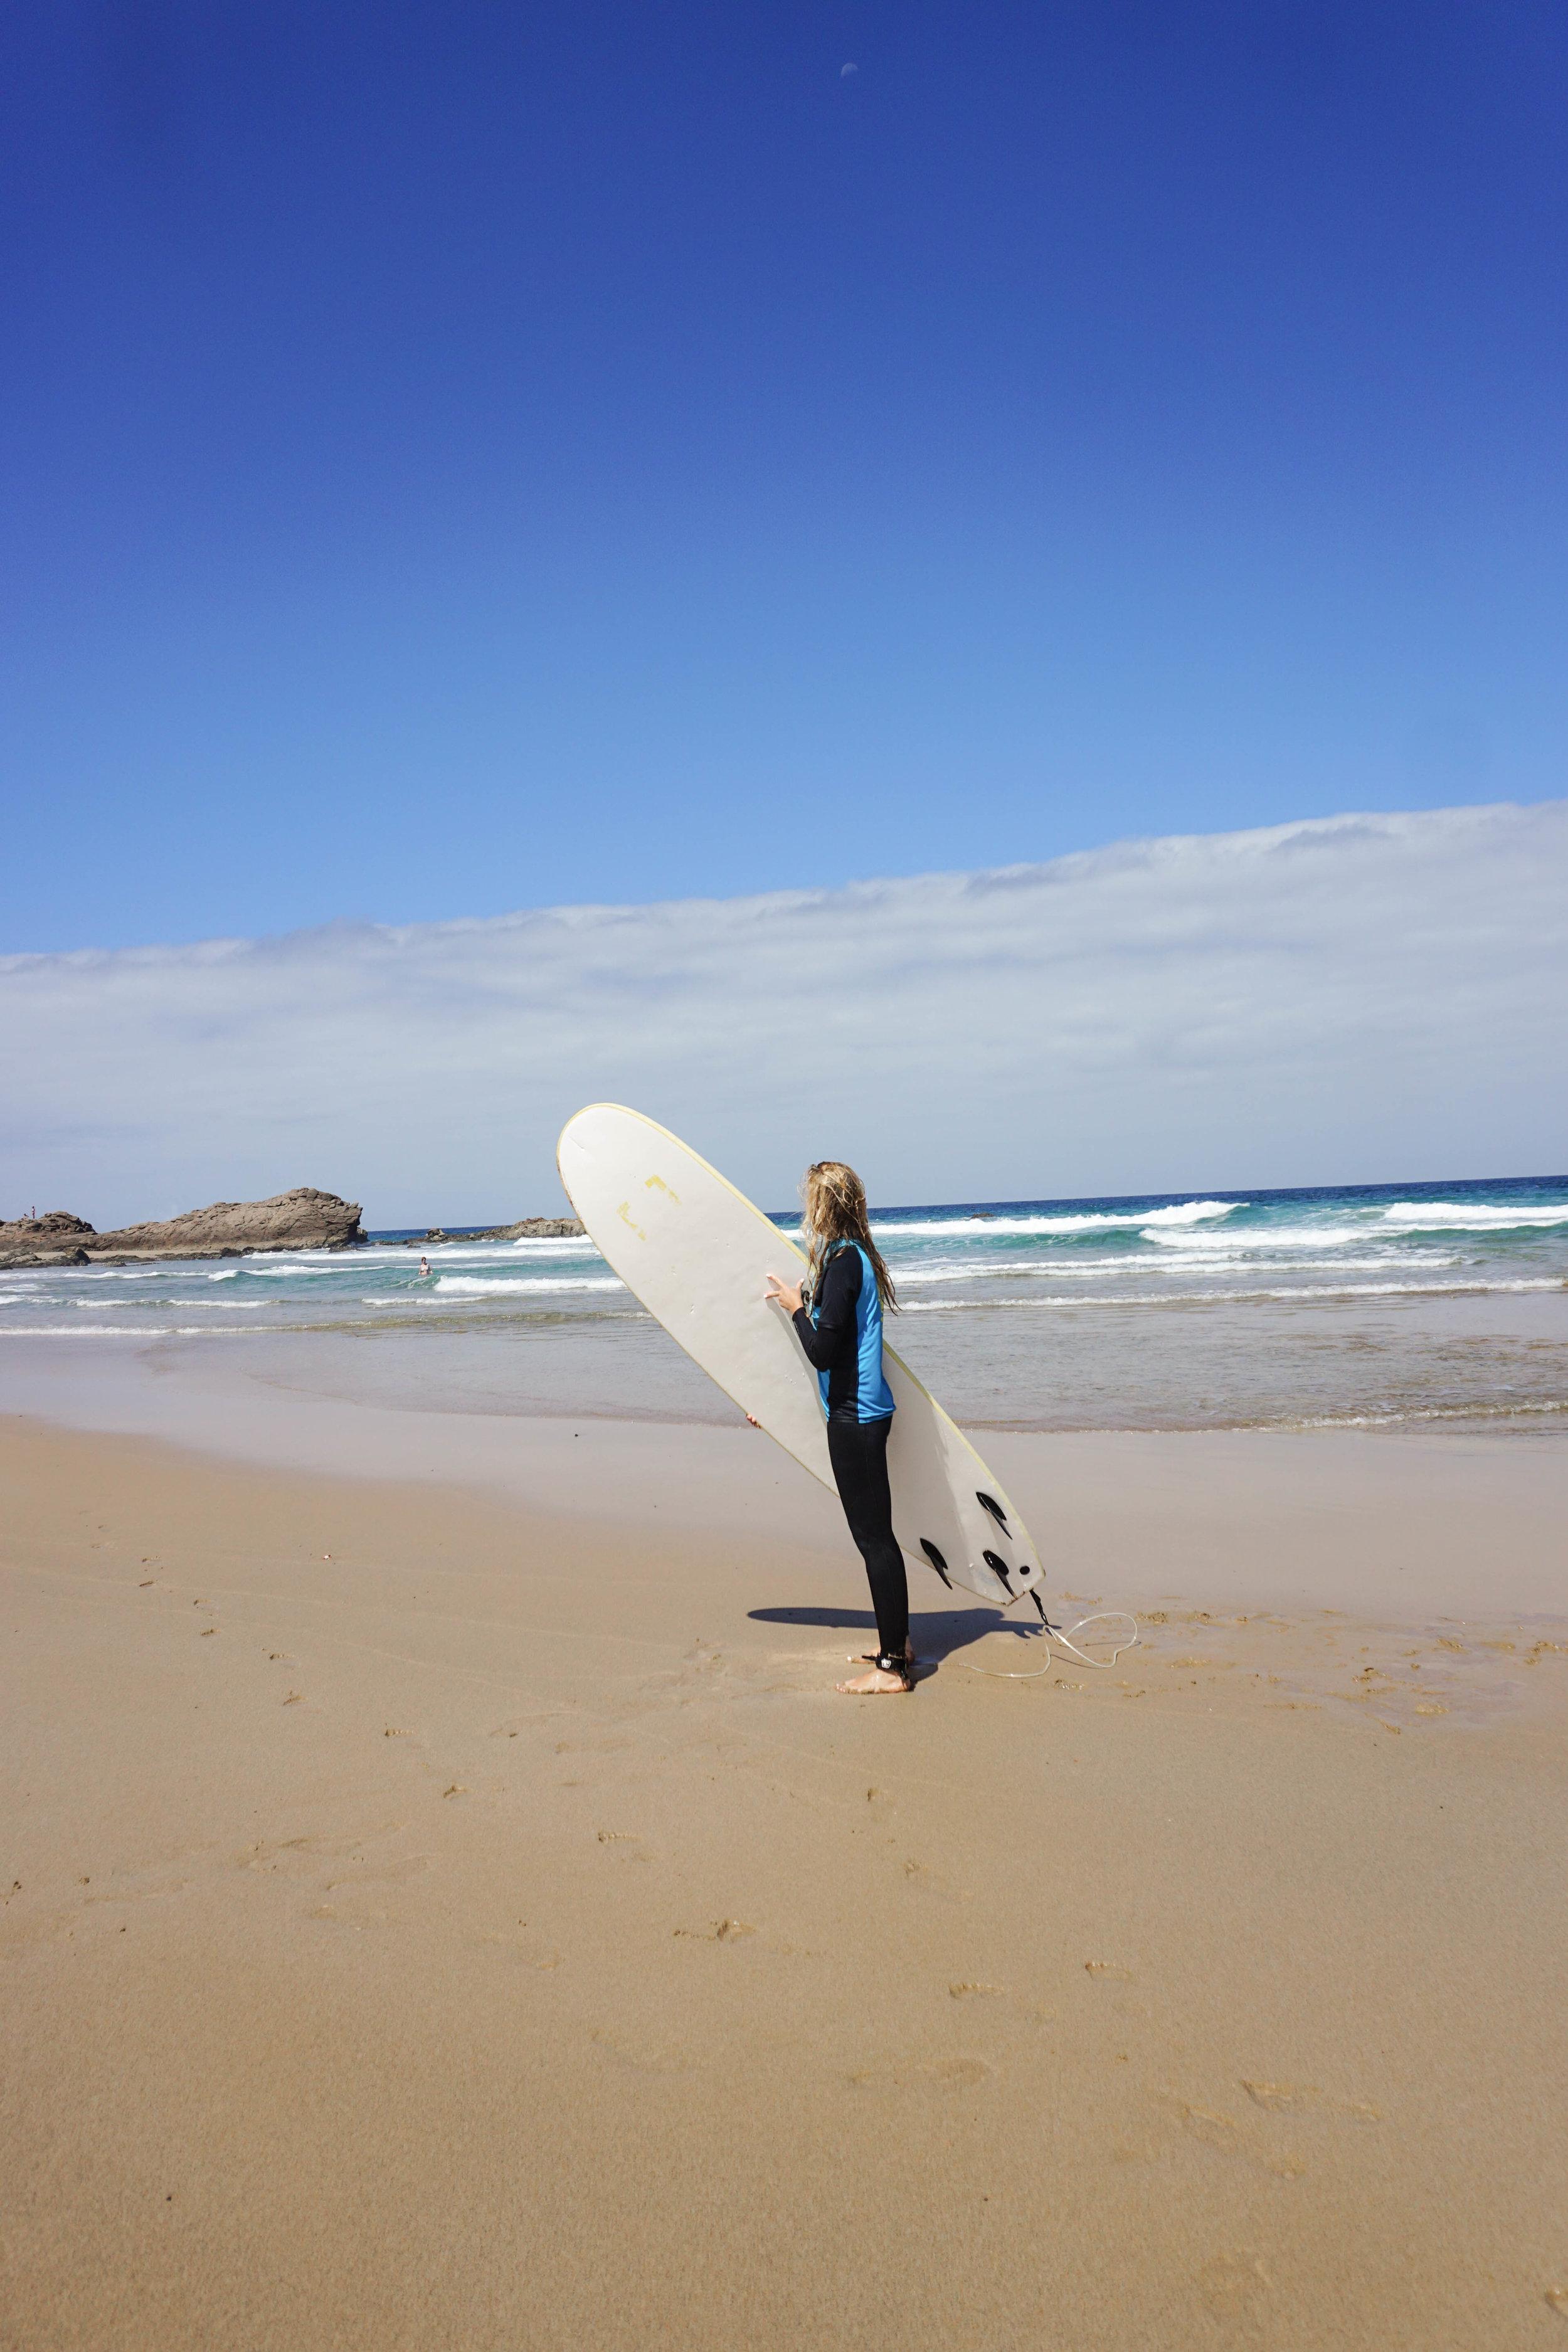 Surfing in Tindaya beach with 7 Island Surf in Fuerteventura